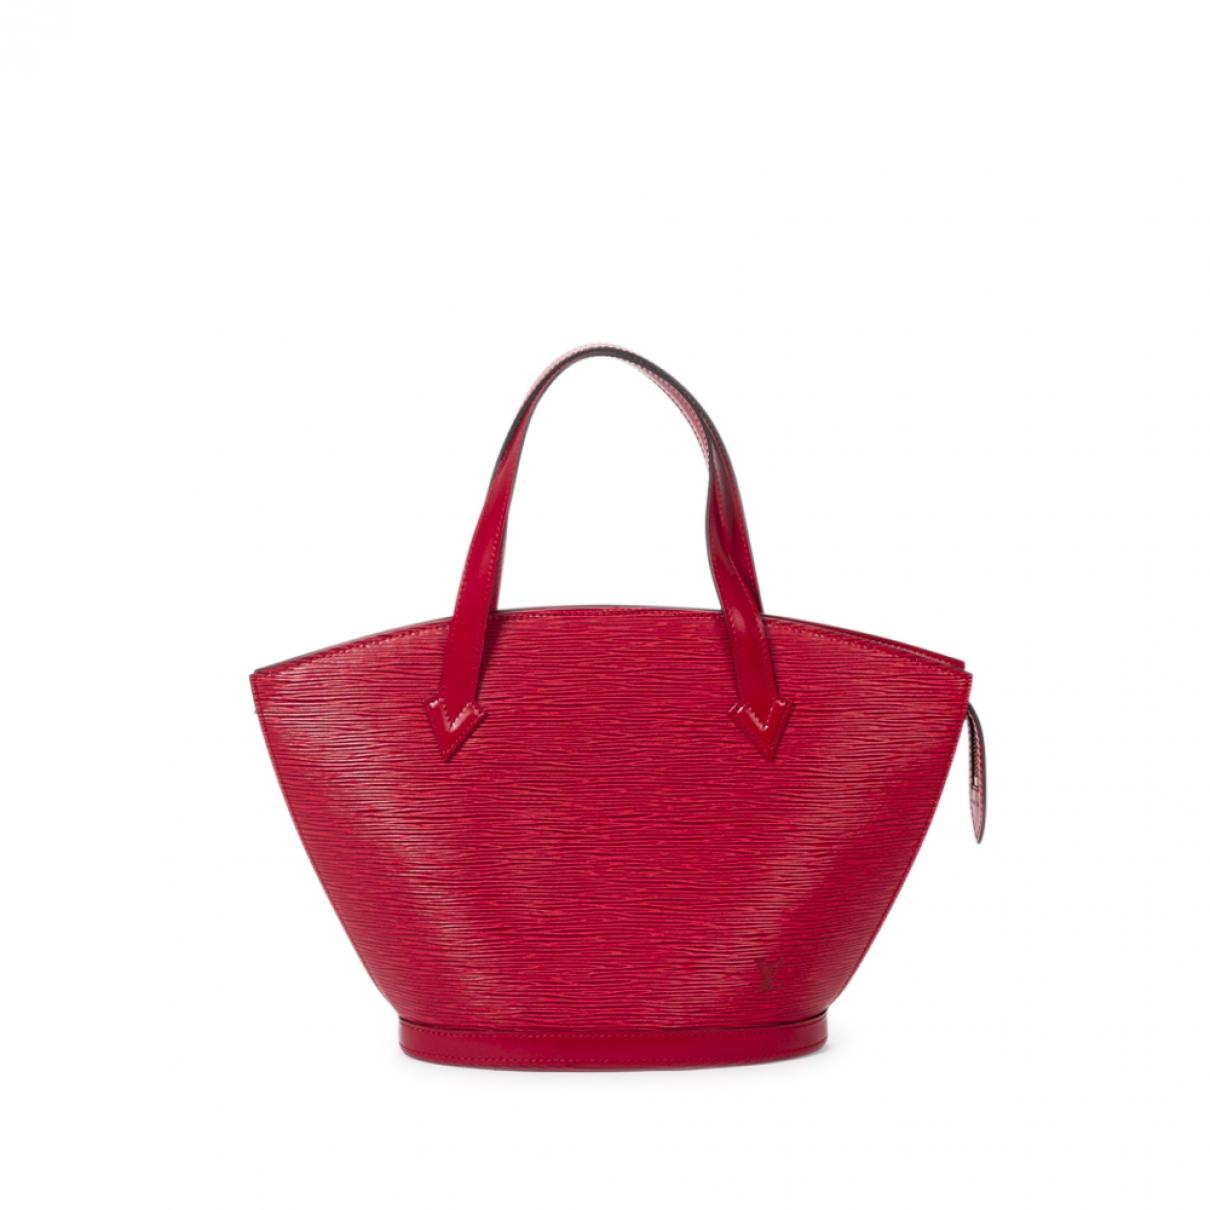 Louis Vuitton Saint Jacques Handtasche in  Rot Leder